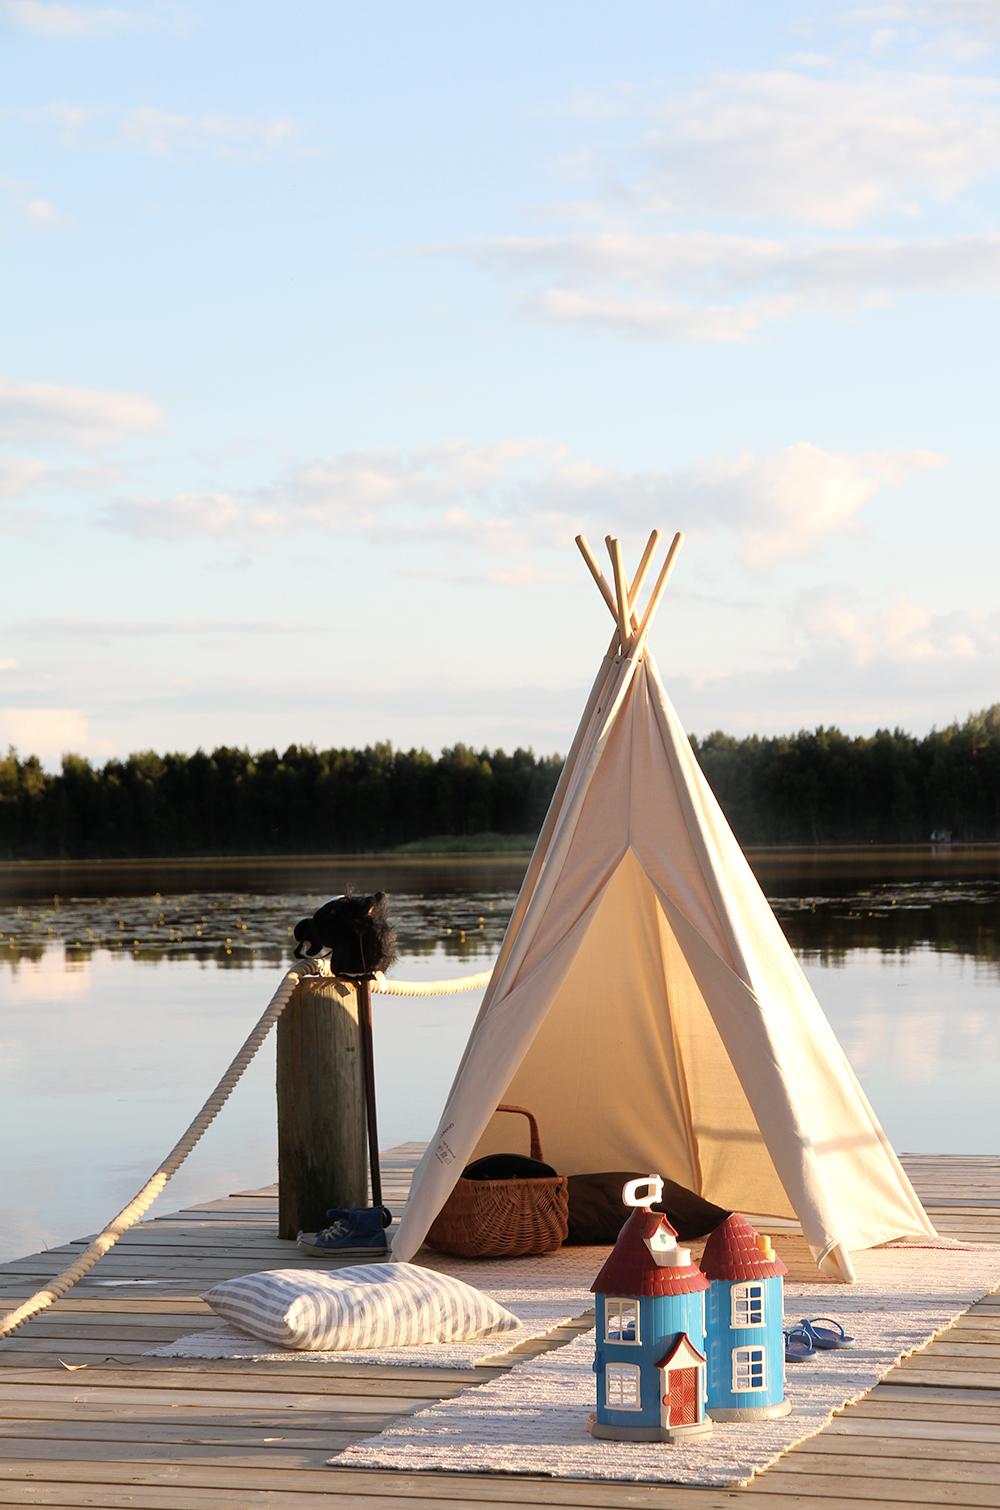 hunajaista granit teltta tiipii laituri kesamokki muumitalo